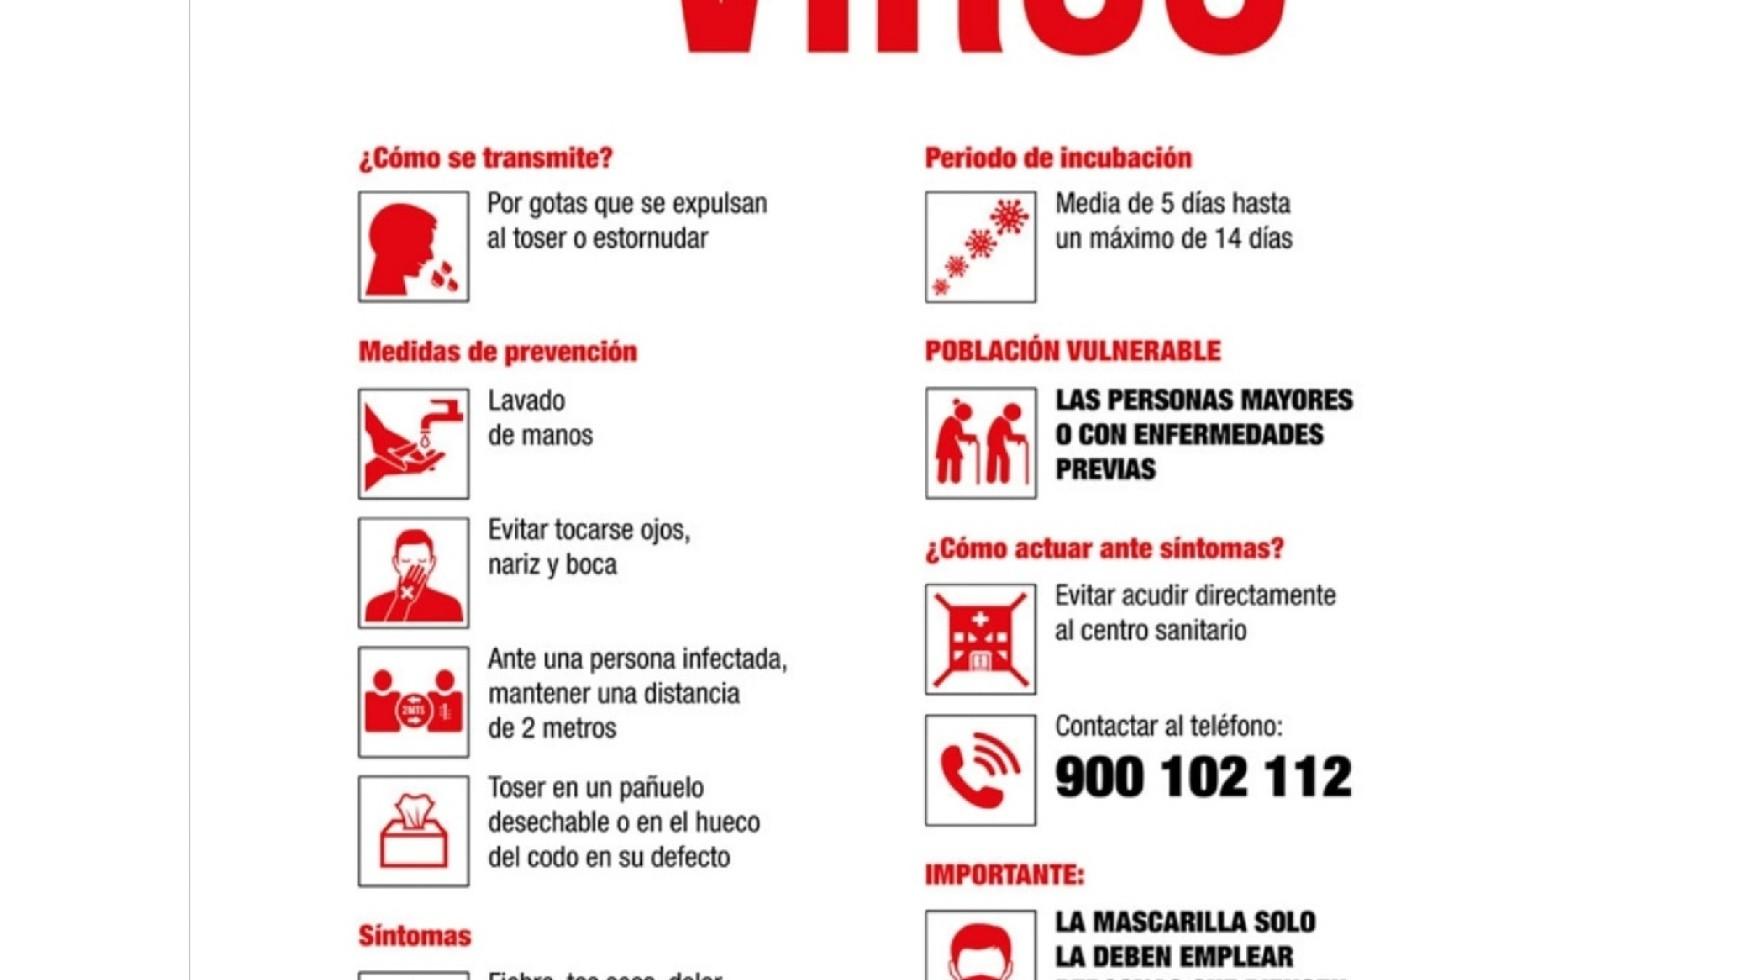 PRECAUCIONES CORONA VIRUS